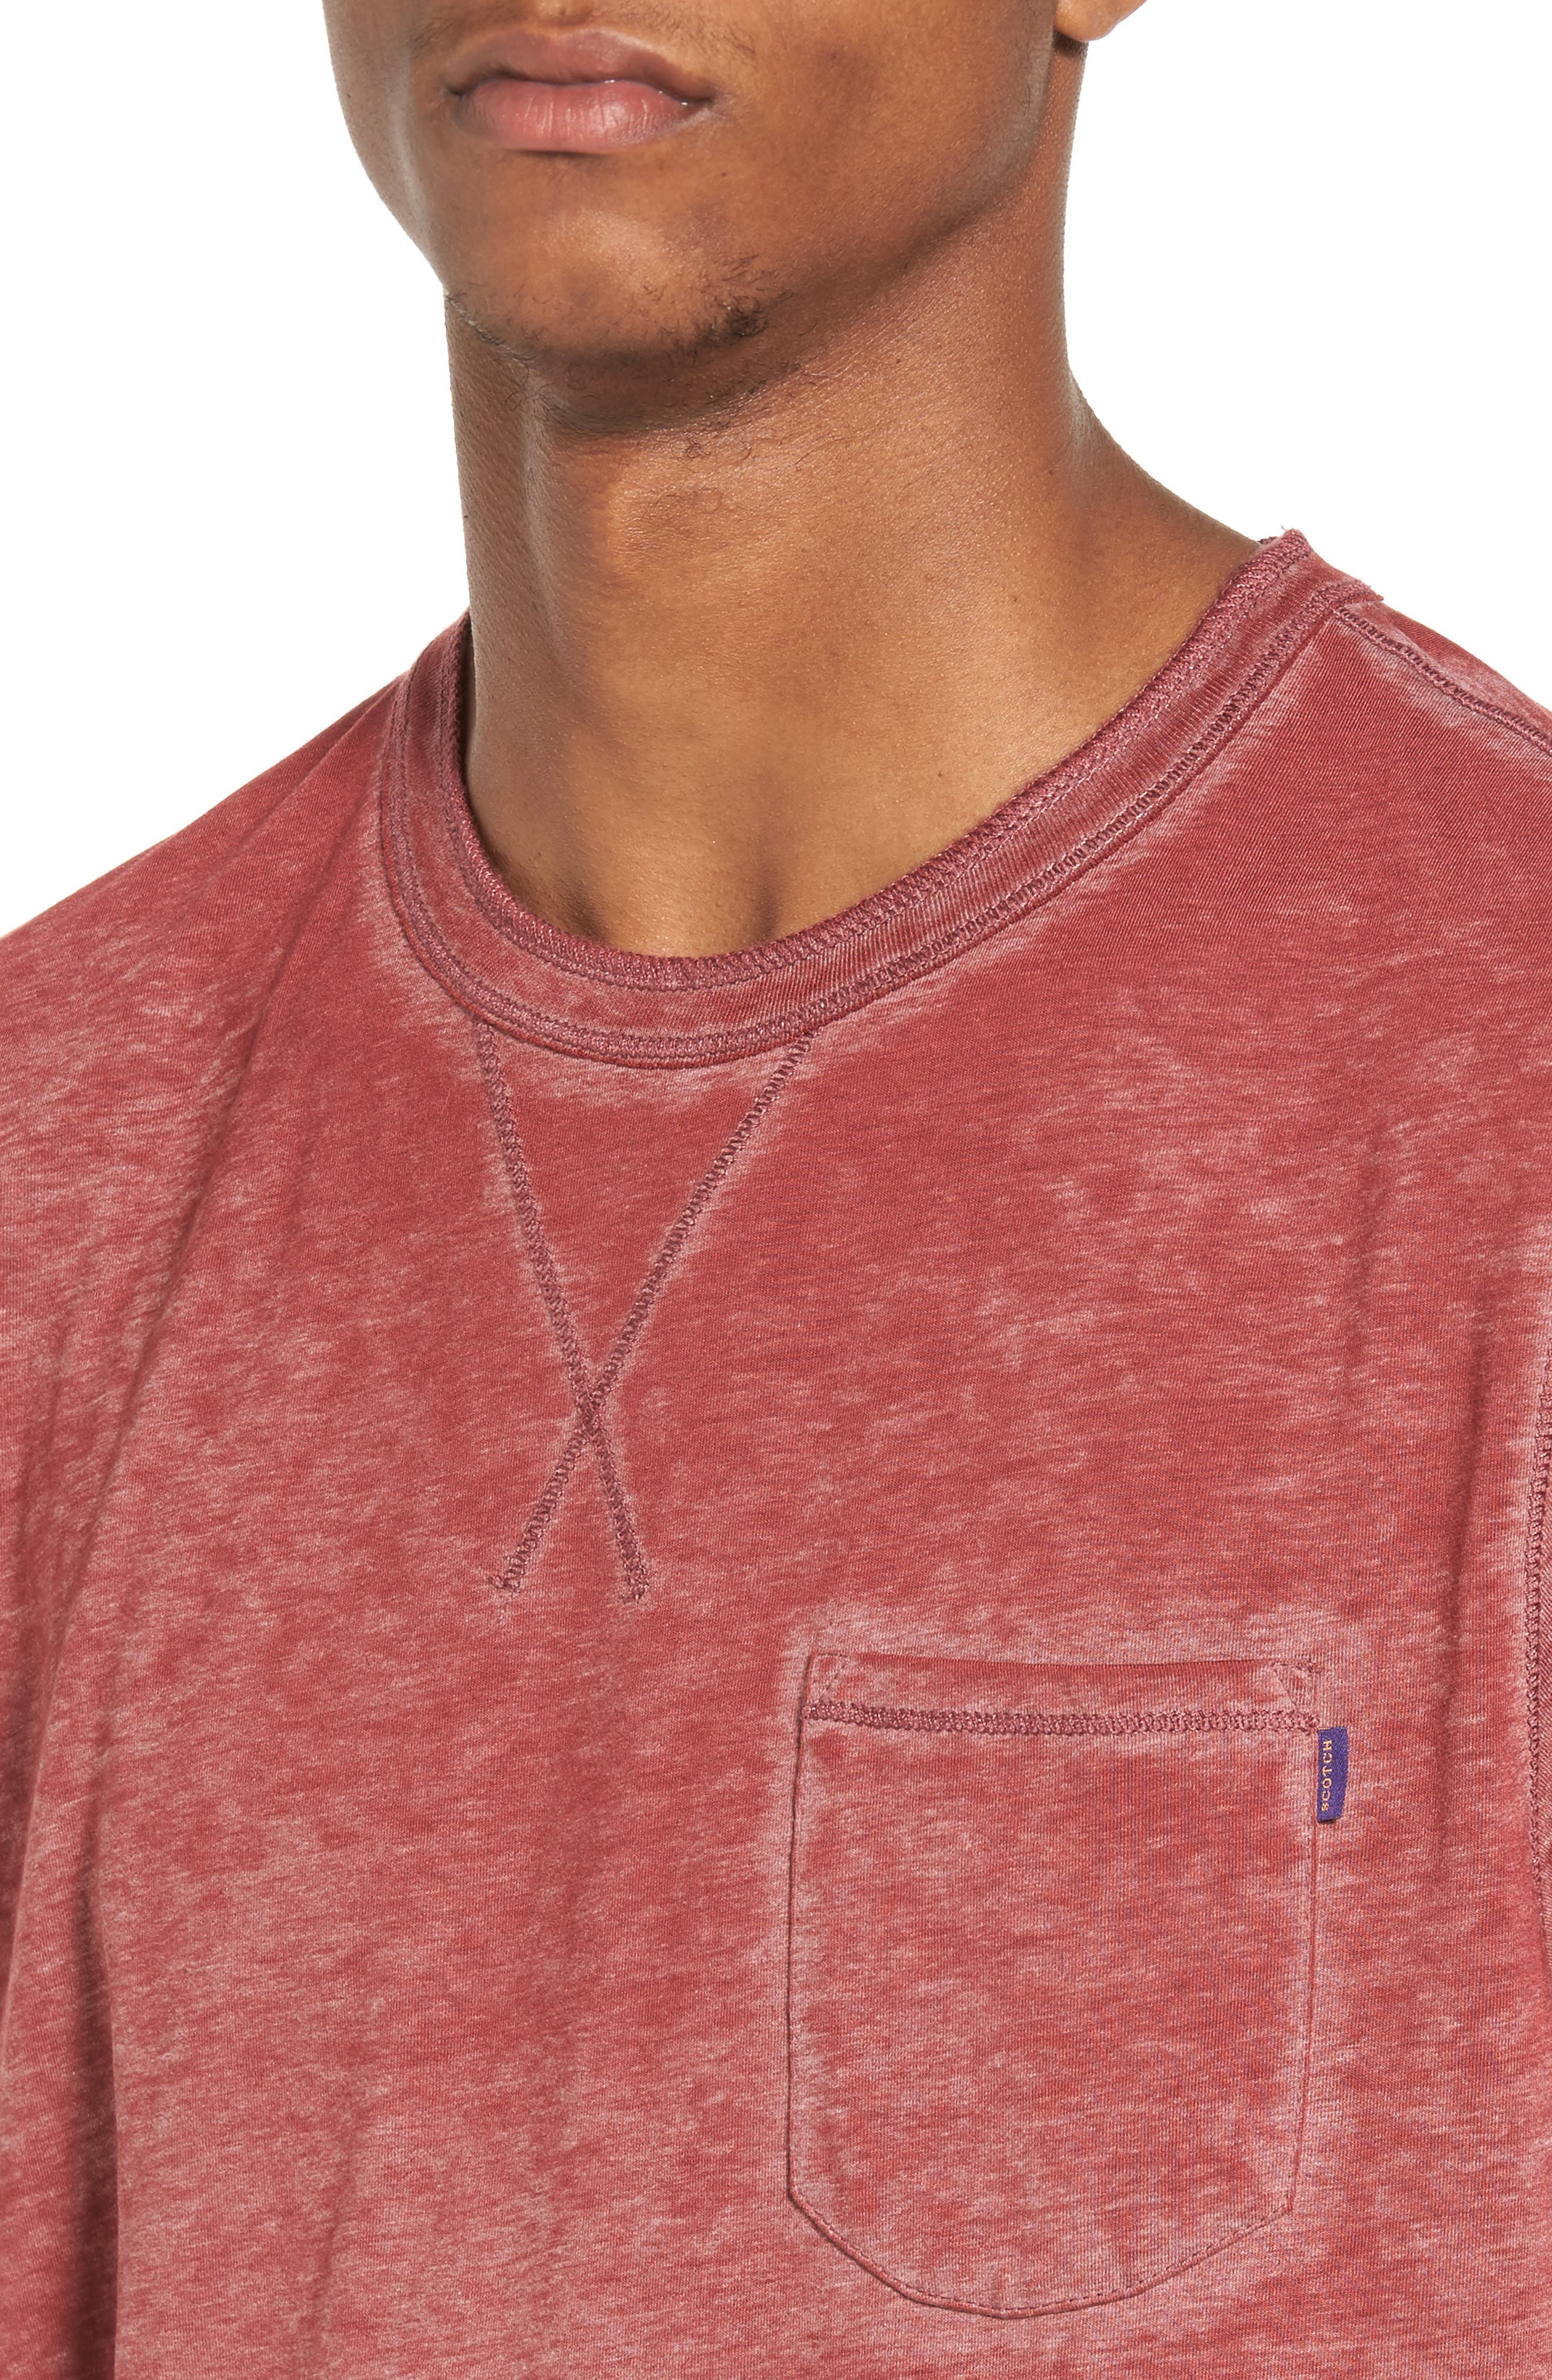 Pocket T-Shirt,                             Alternate thumbnail 4, color,                             610